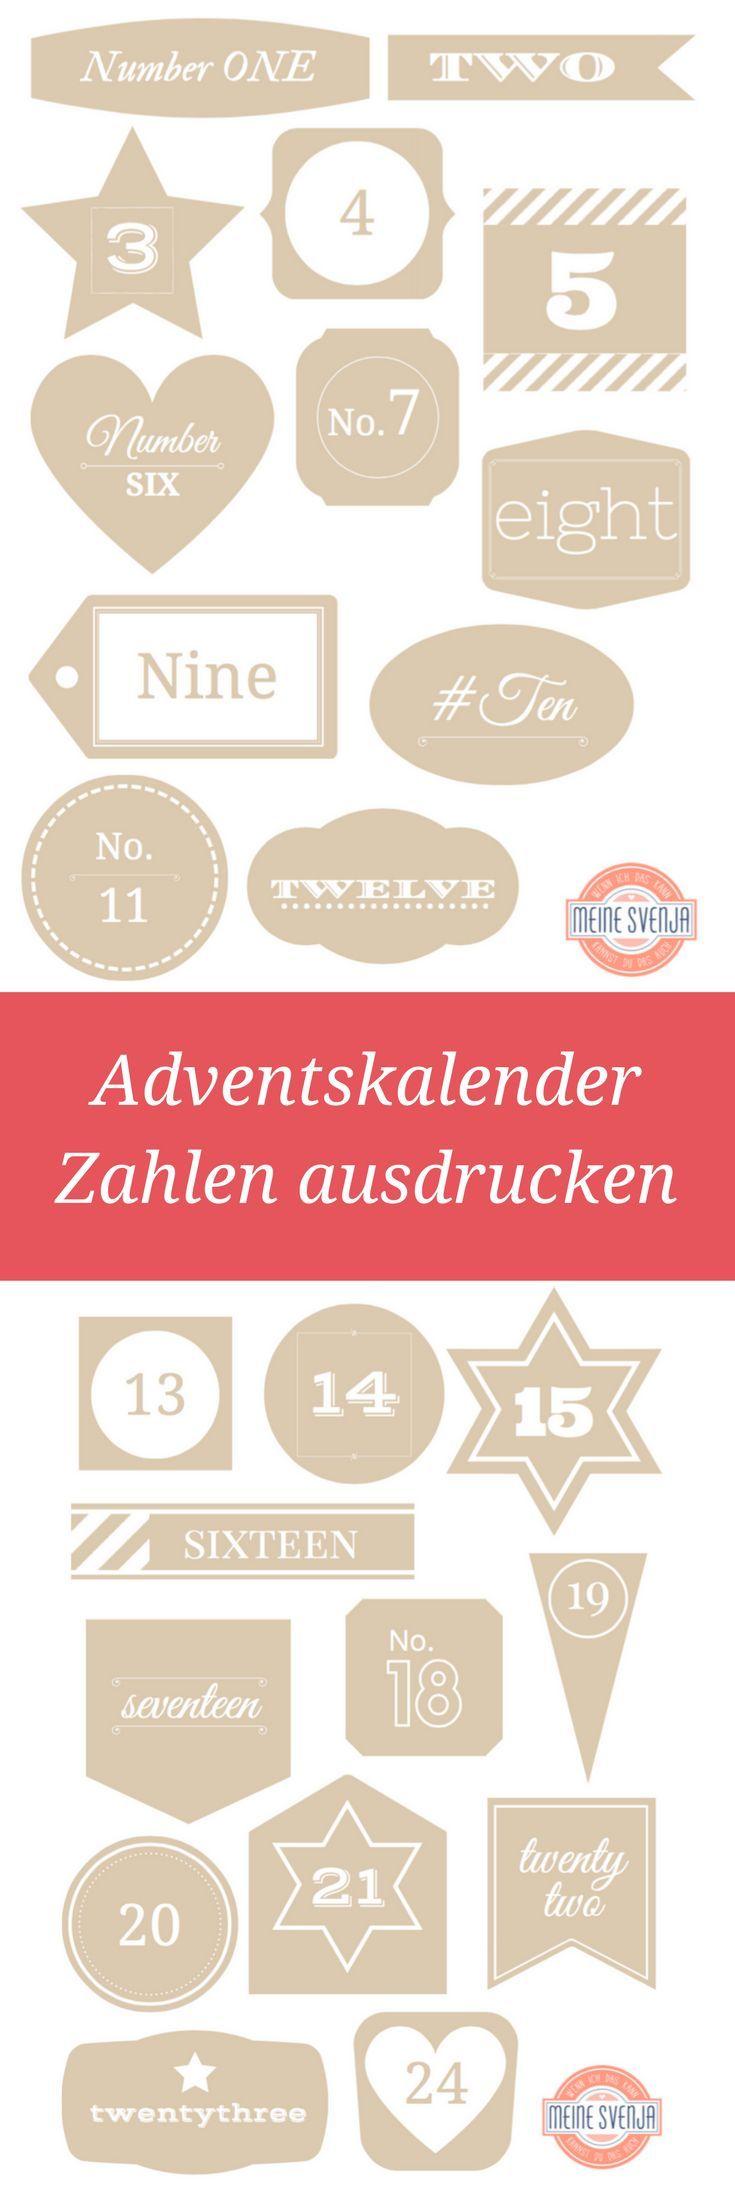 Adventskalender zahlen zum ausdrucken printables adventskalender adventskalender zahlen und - Adventskalender basteln vorlagen kostenlos ...